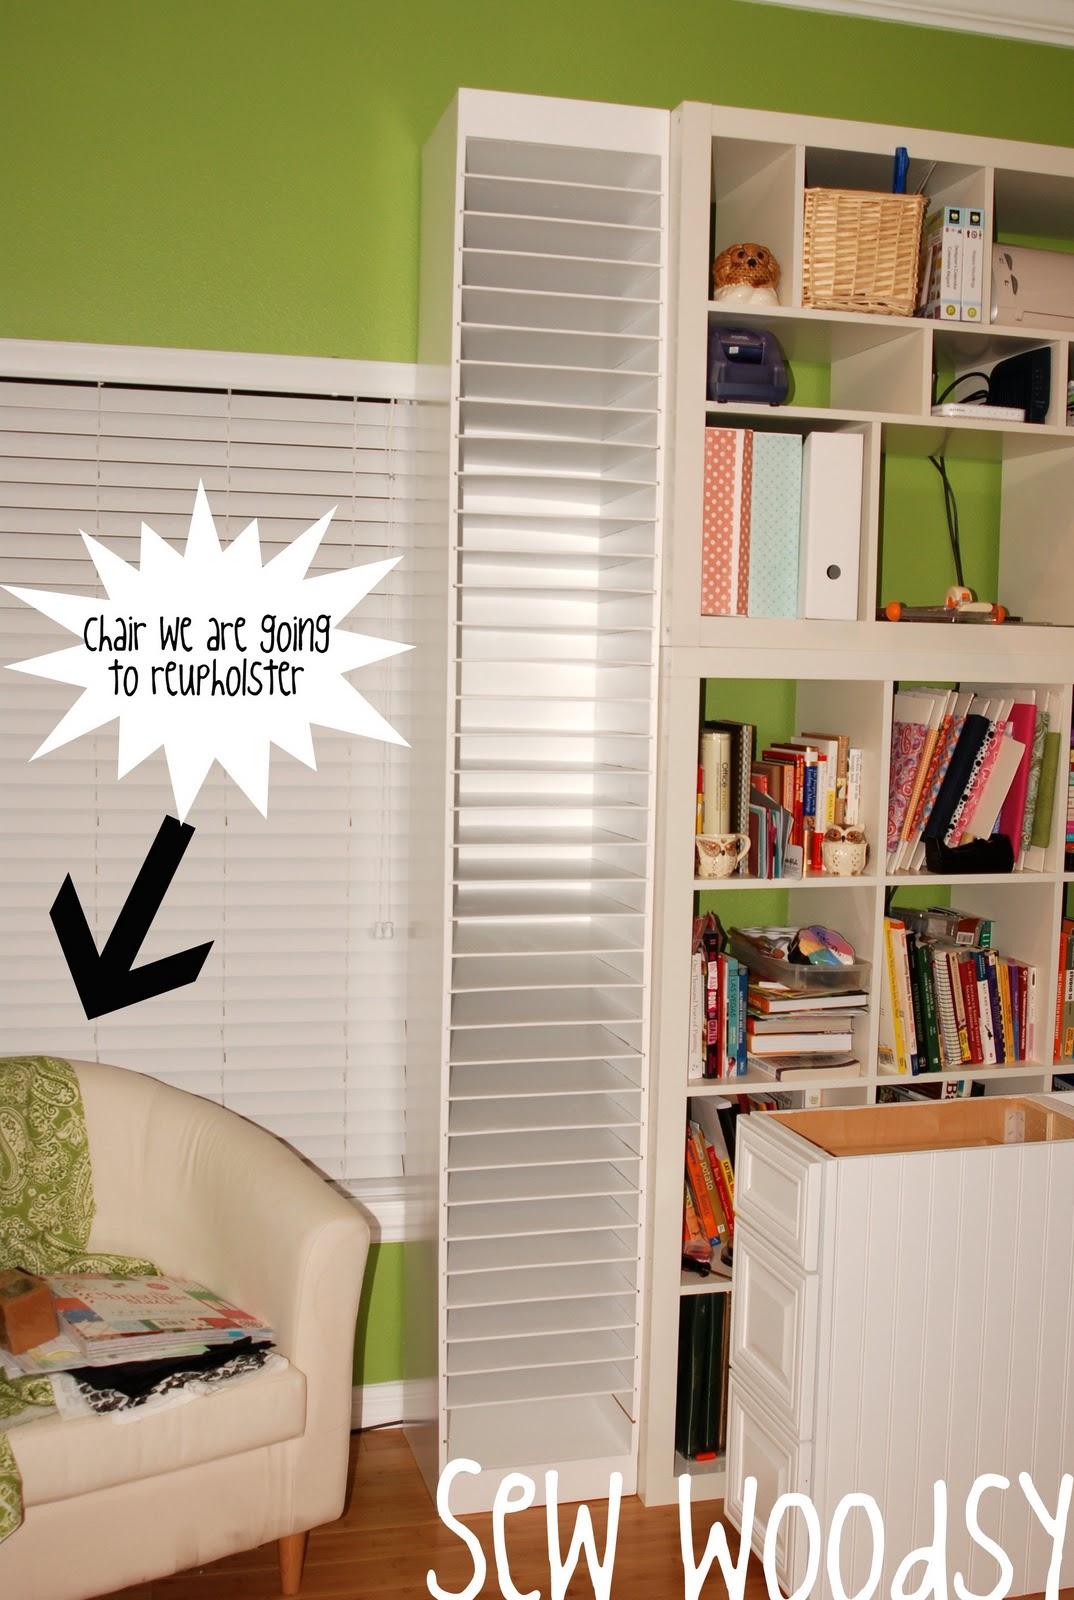 u003ctitleu003e Paper Rack mini-tutorialu003c/titleu003e | Sew Woodsy & titleu003e Paper Rack mini-tutorialu003c/titleu003e | Sew Woodsy